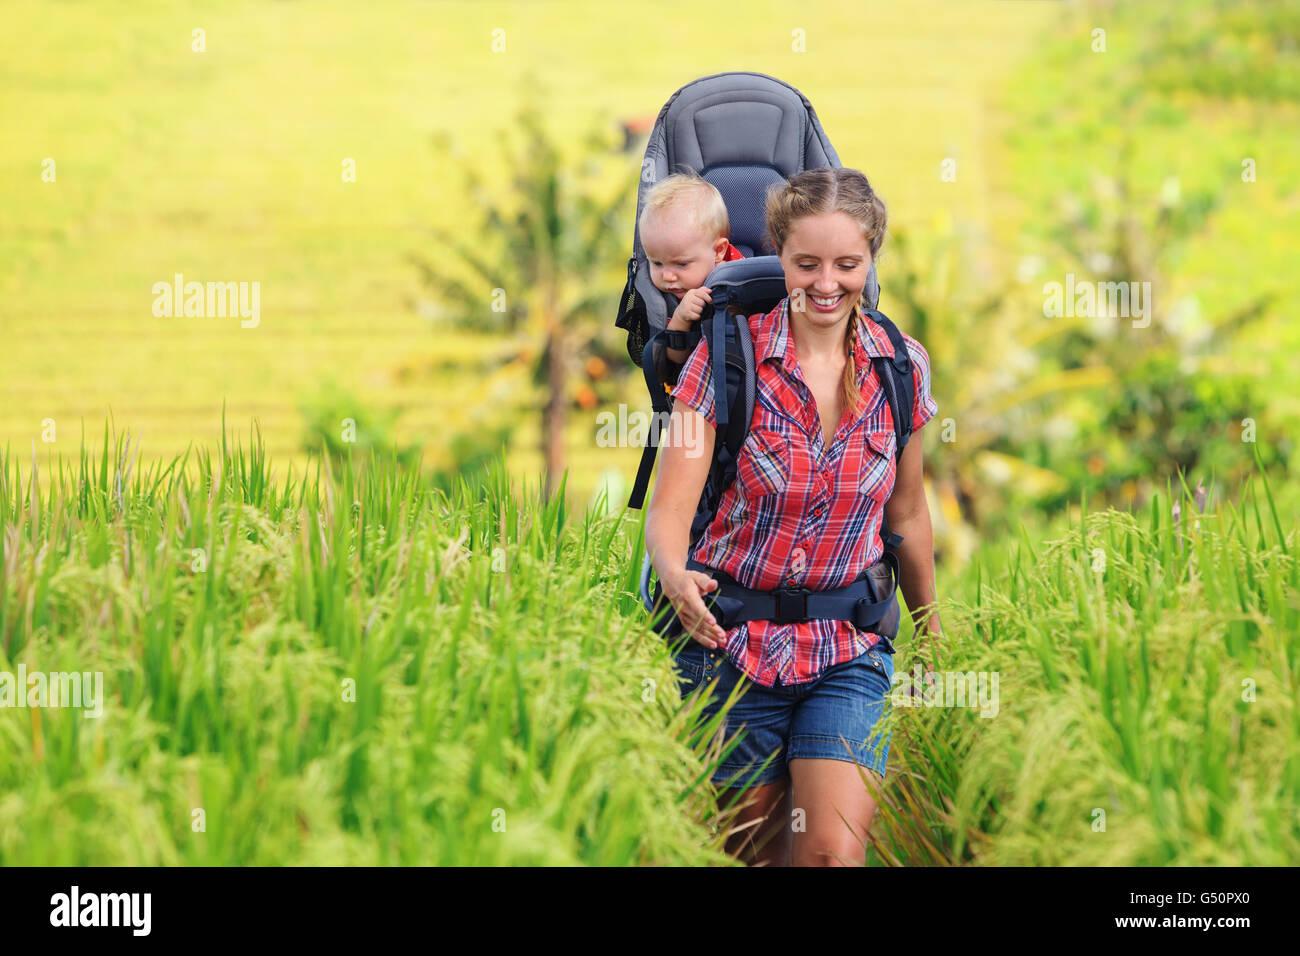 Naturspaziergang in grünen Terrasse Reisfeld. Glückliche Mutter halten wenig Reisende im Rucksack. Baby Stockbild